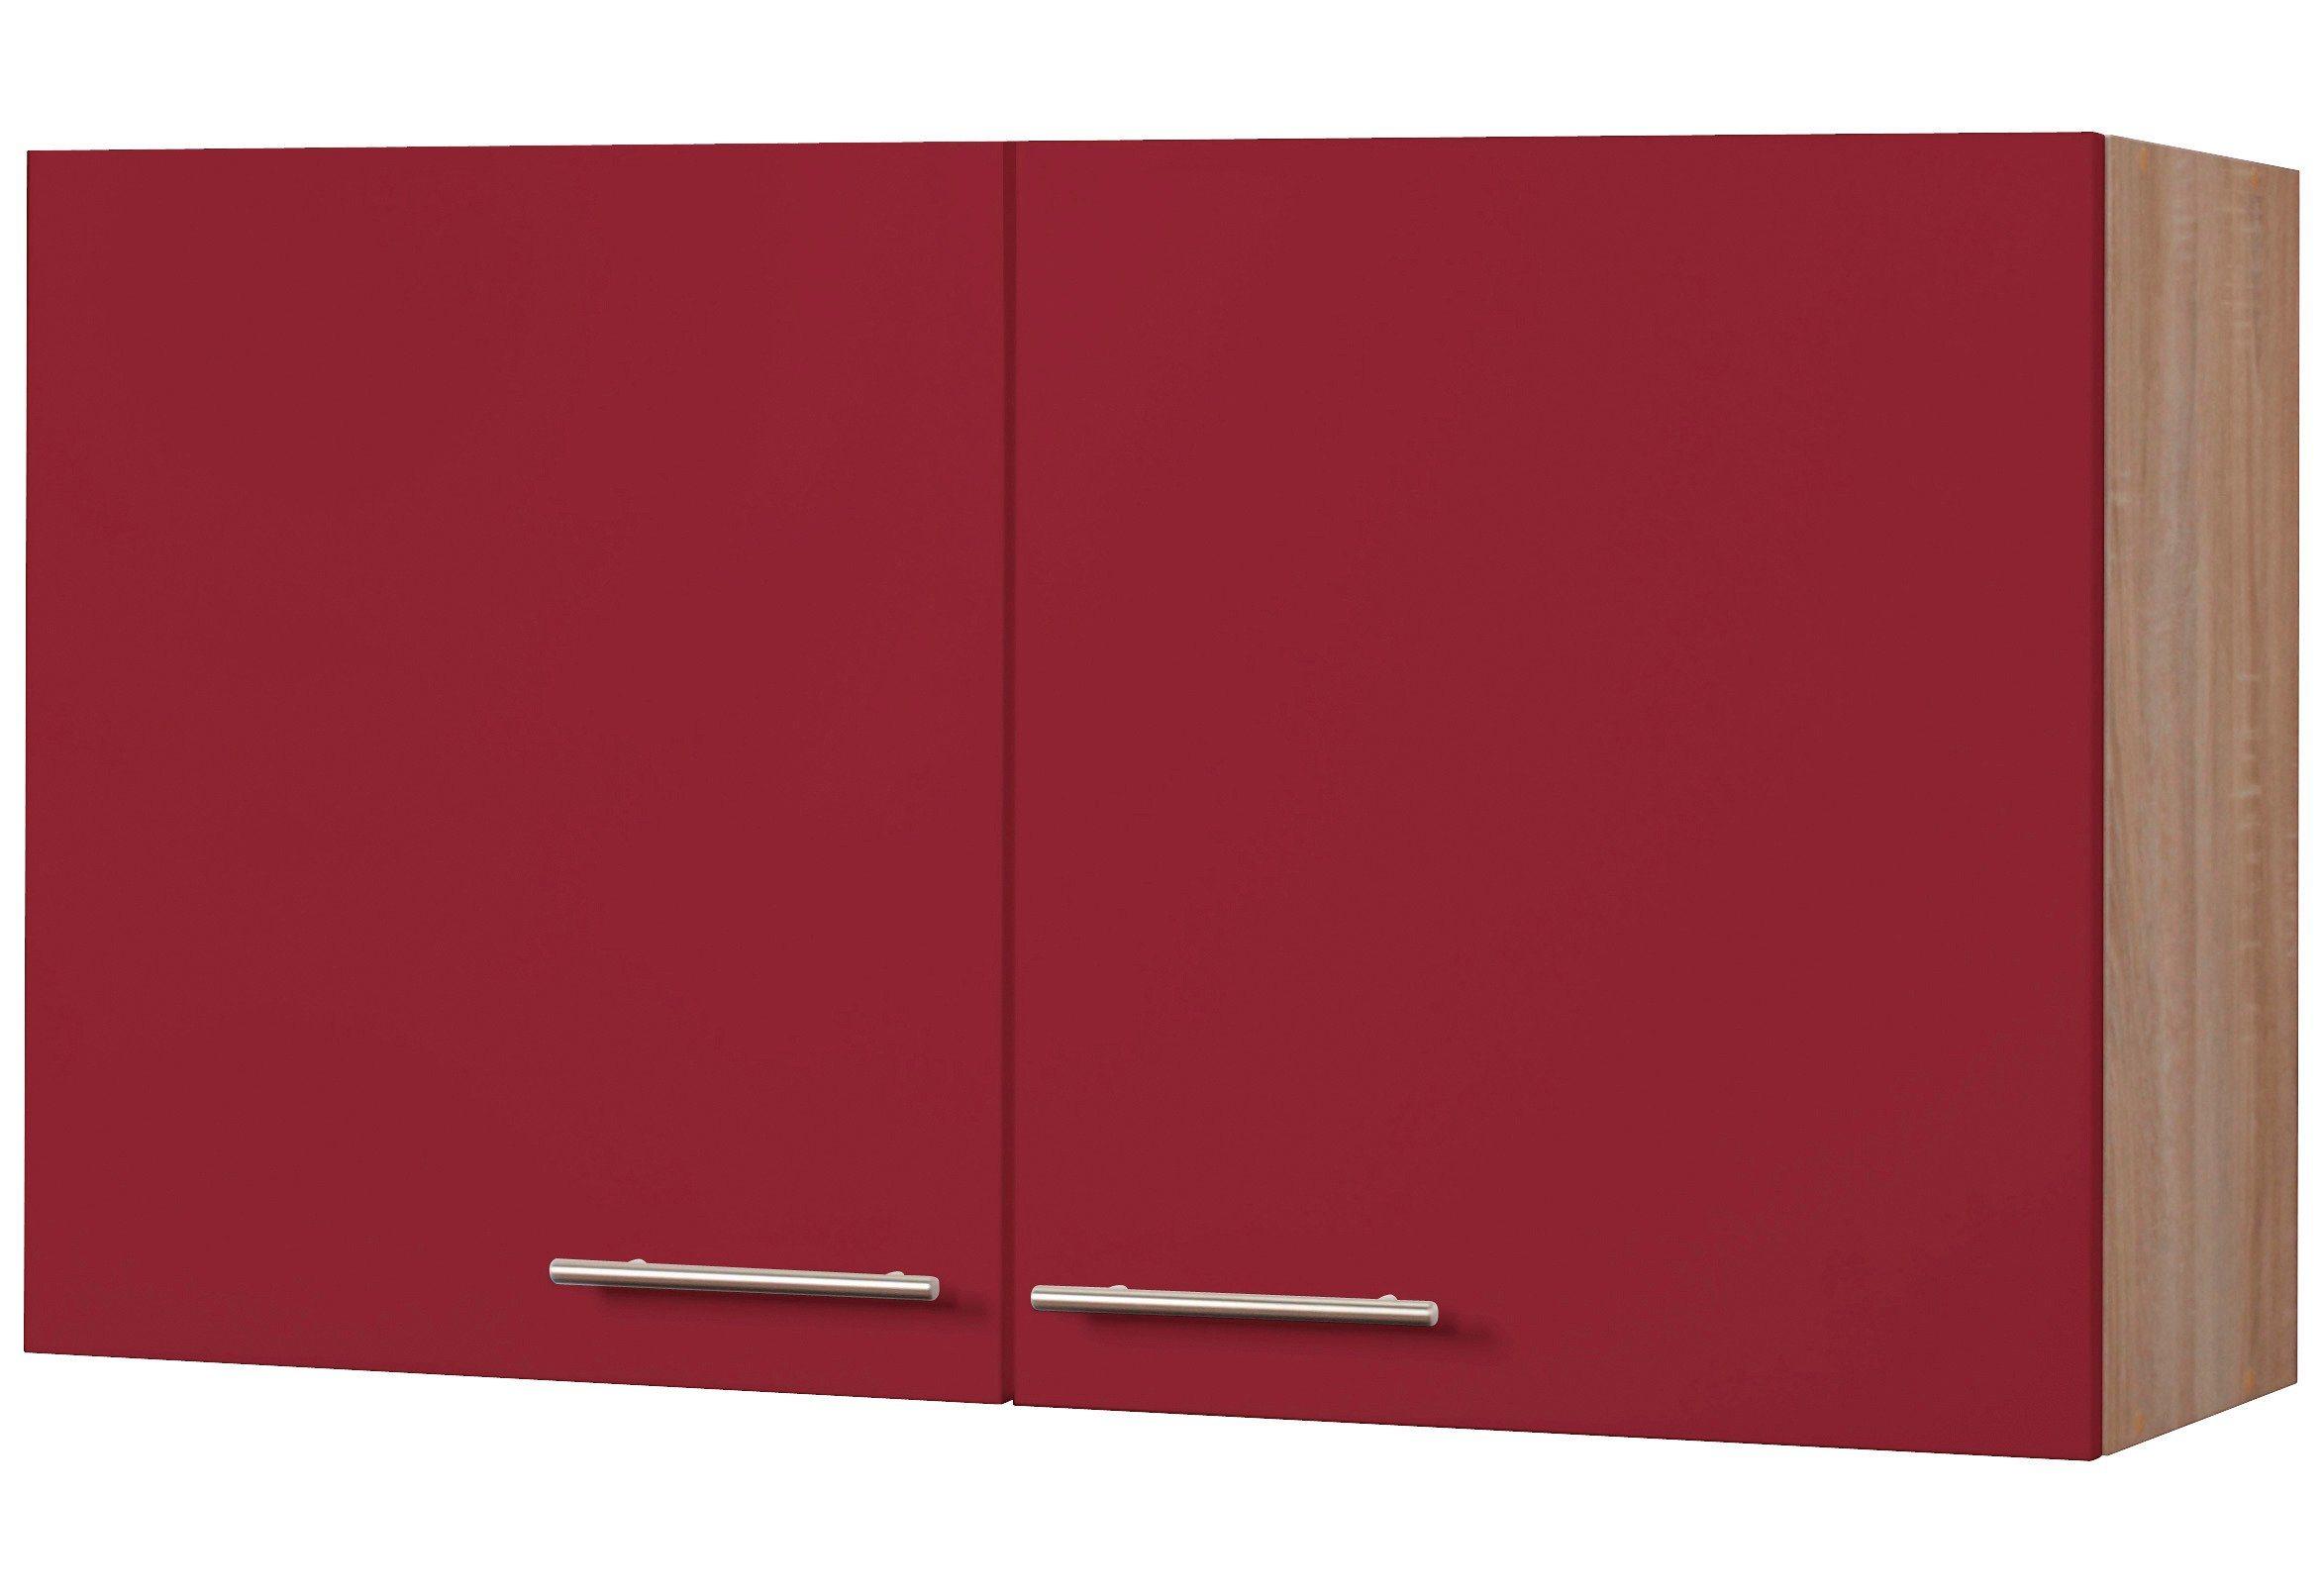 Wiho Küchen Küchenhängeschrank »Montana«, Breite 100 cm | Küche und Esszimmer > Küchenschränke > Küchen-Hängeschränke | Bordeaux | Eiche - Holzwerkstoff | wiho Küchen